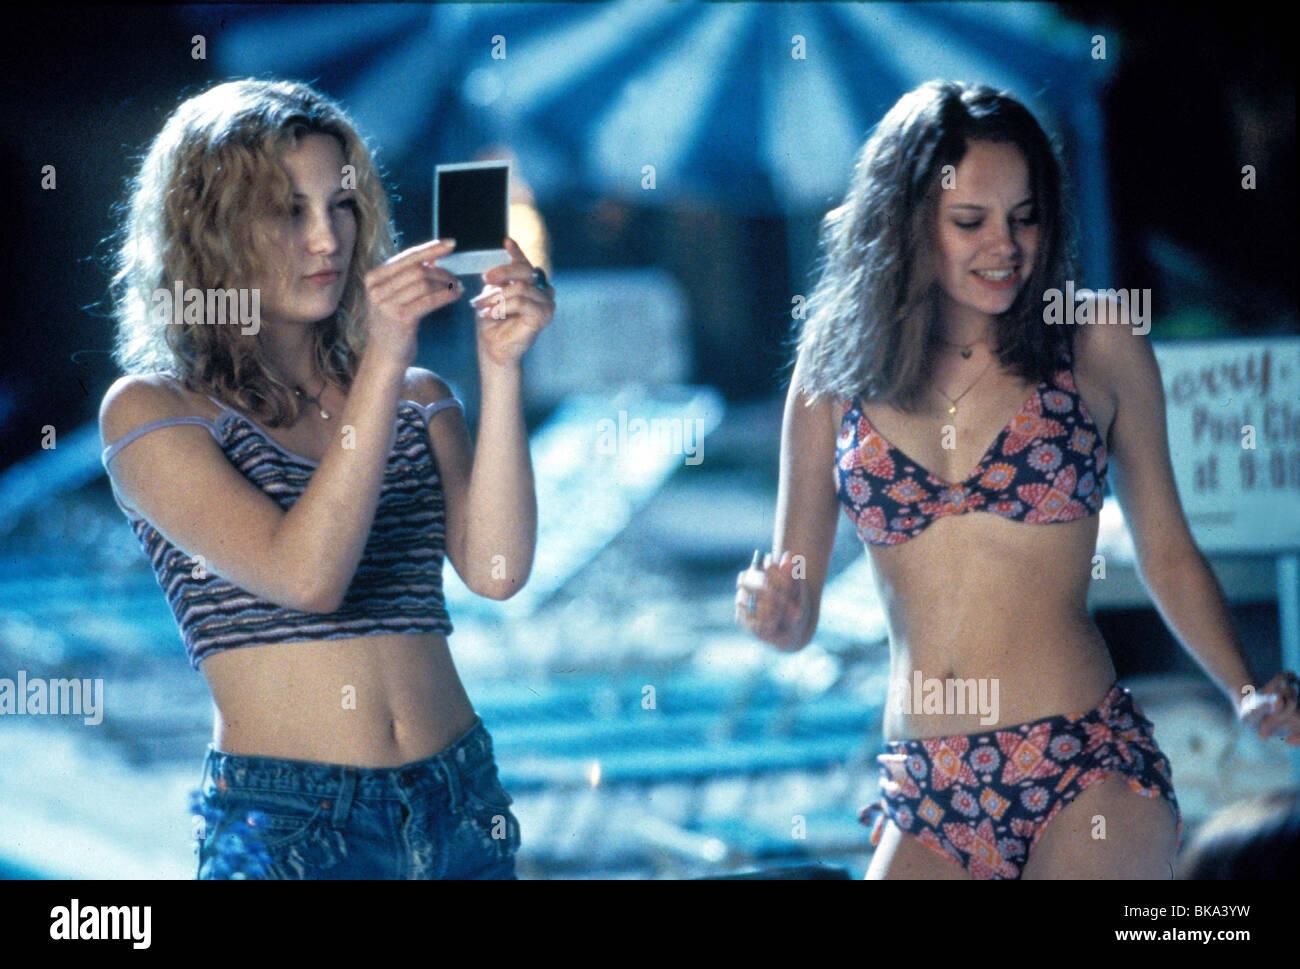 Quasi famoso (2001) qualcosa di reale, ancora acqua (ALT) Kate Hudson MOUS 109 Immagini Stock